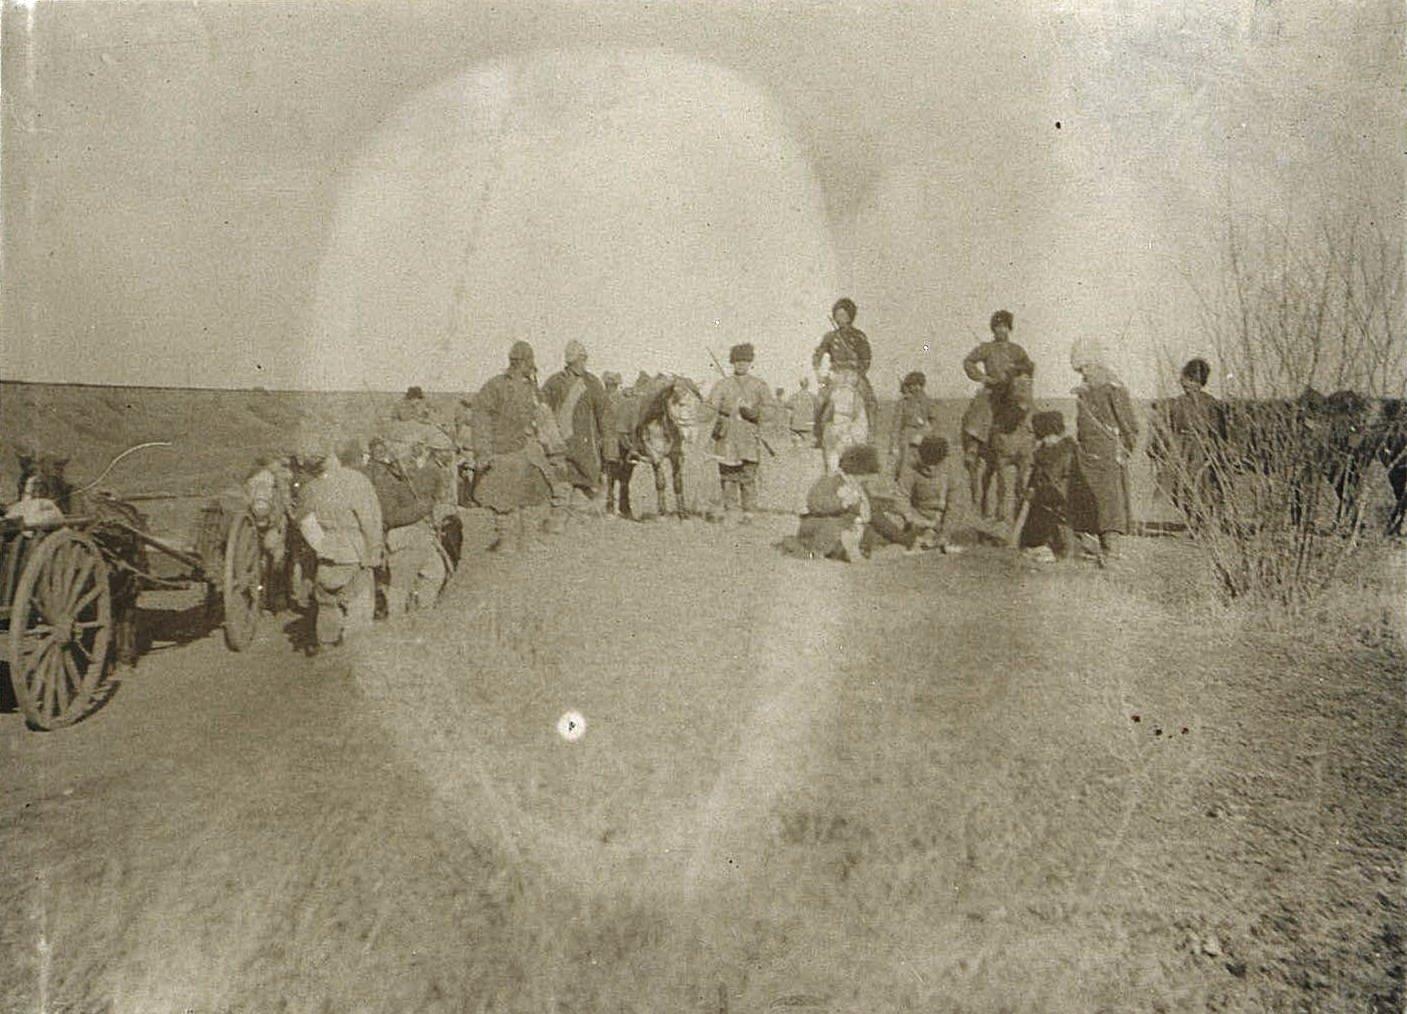 02. Краткая остановка в пути для отдыха. Завтрак в поле. Ноябрь 1900